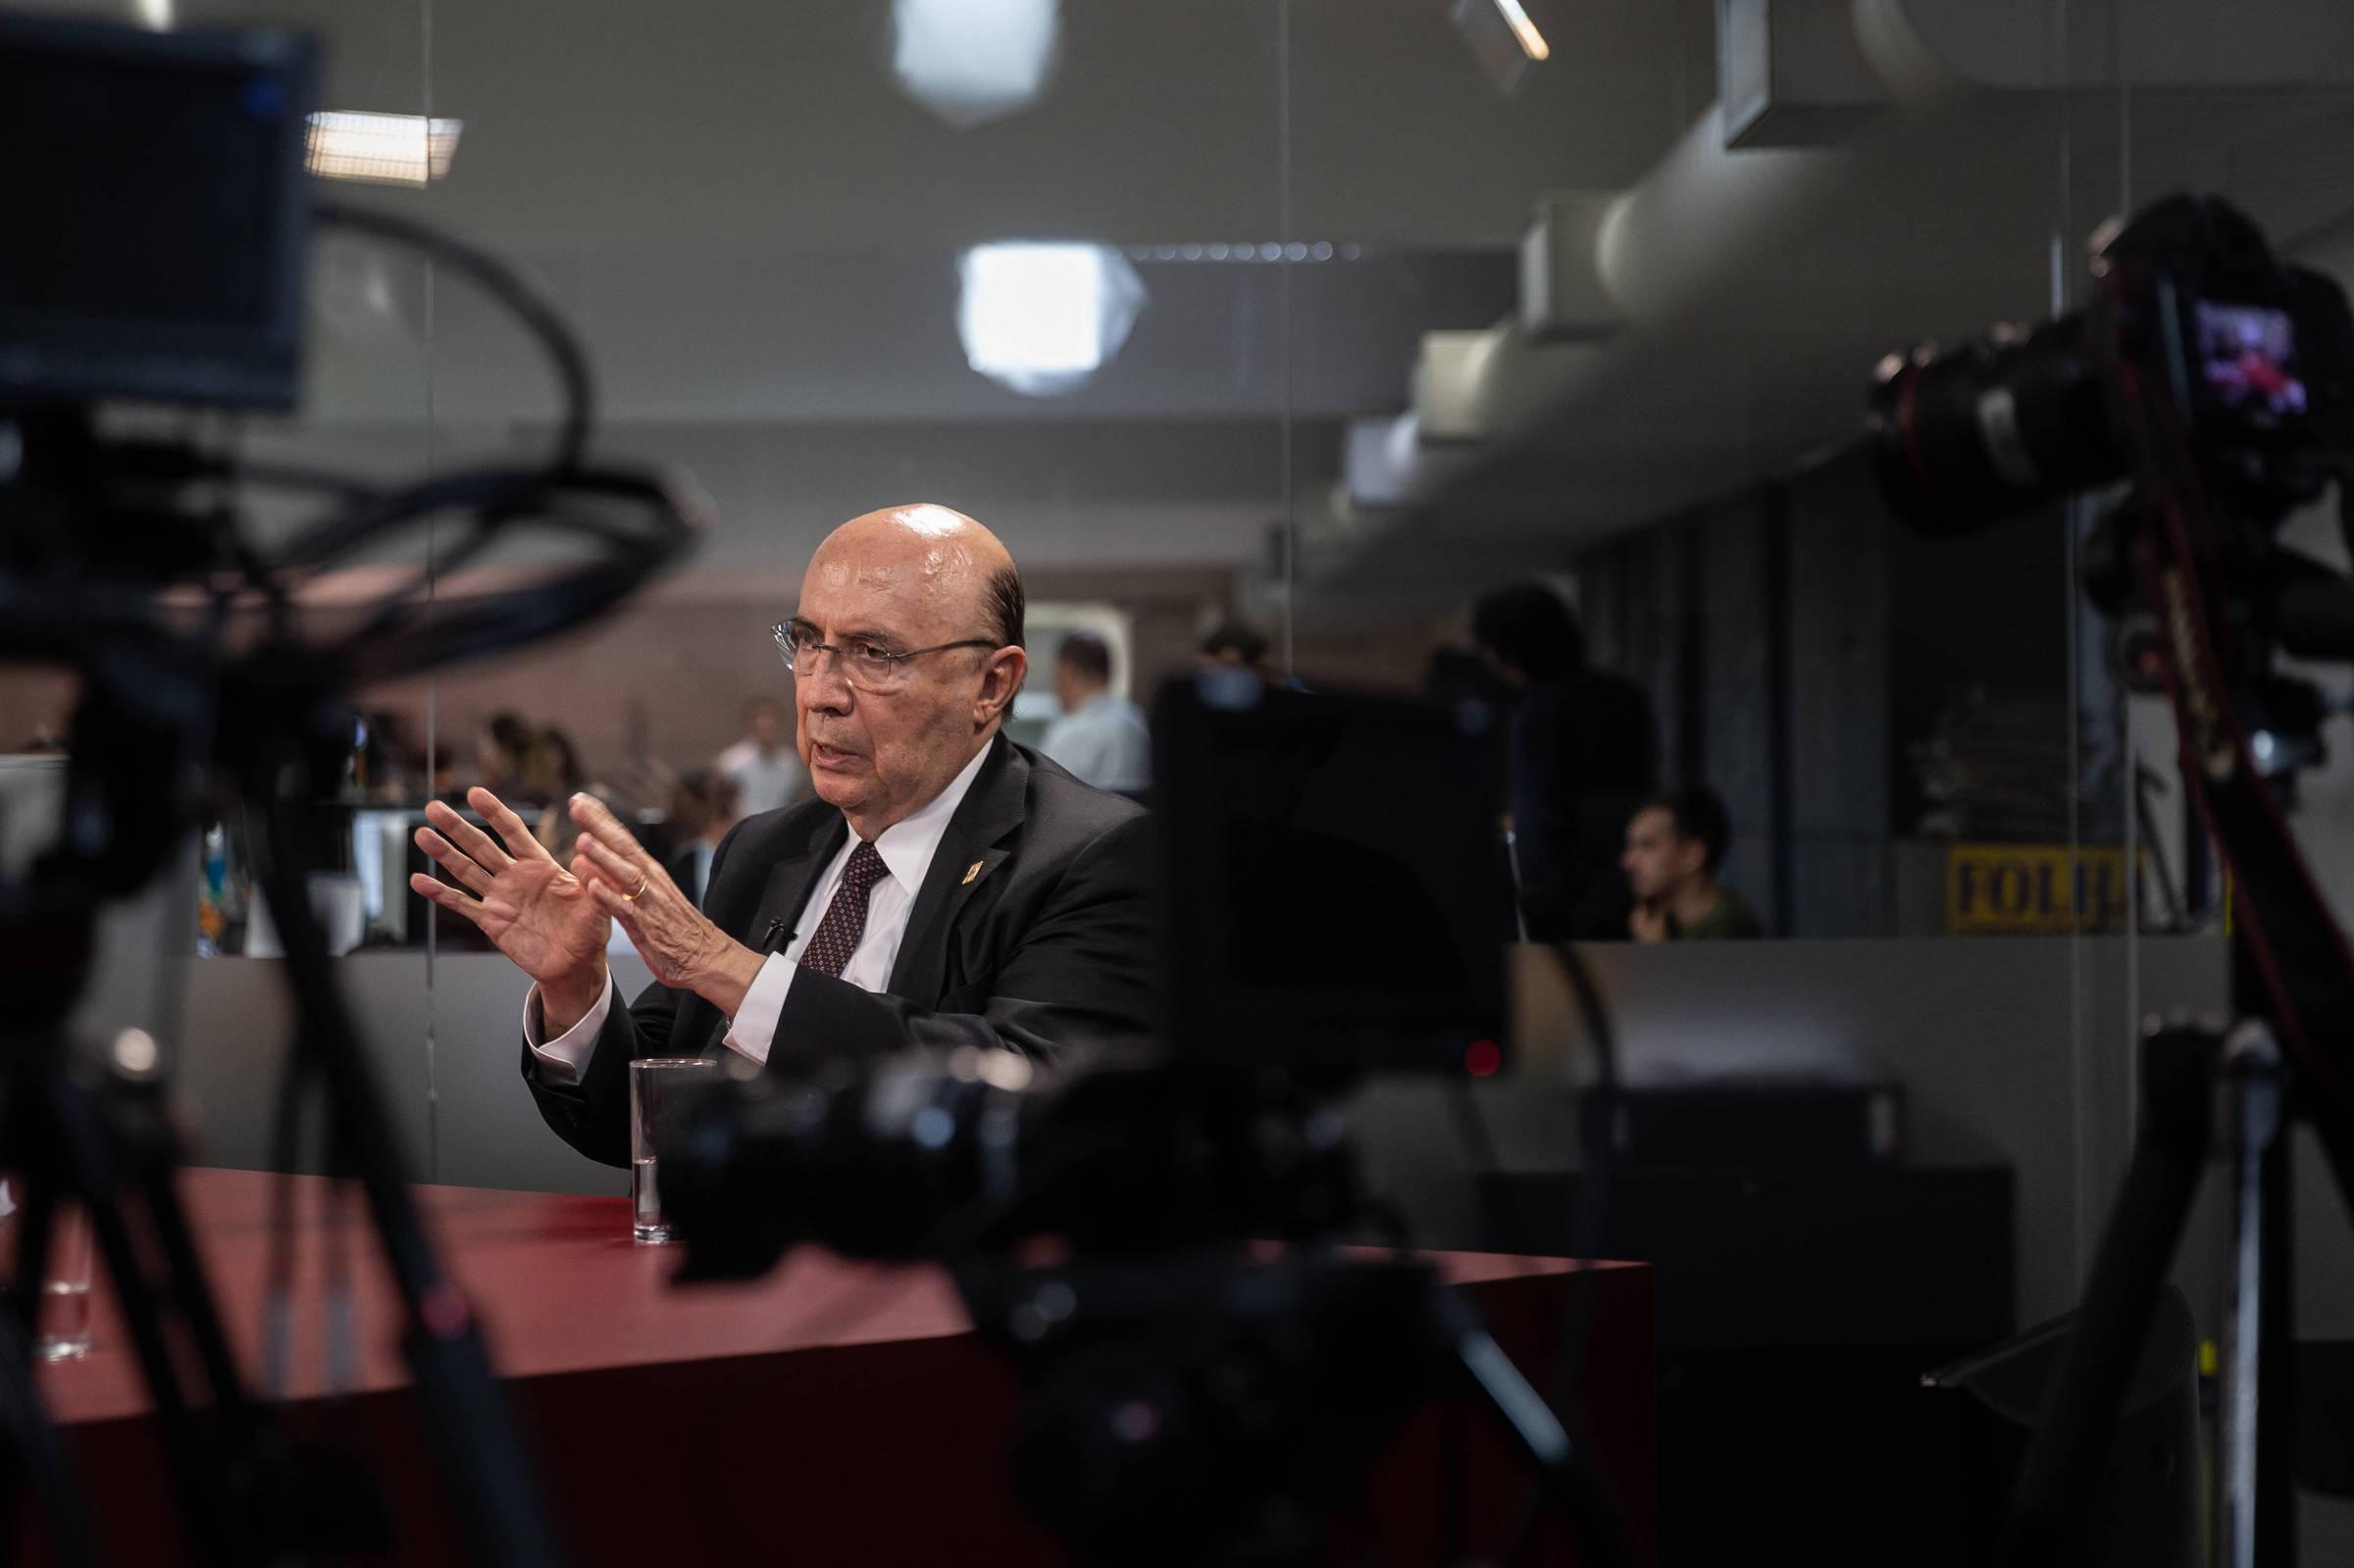 Entrevista com Henrique Meirelles na Redação da Folha